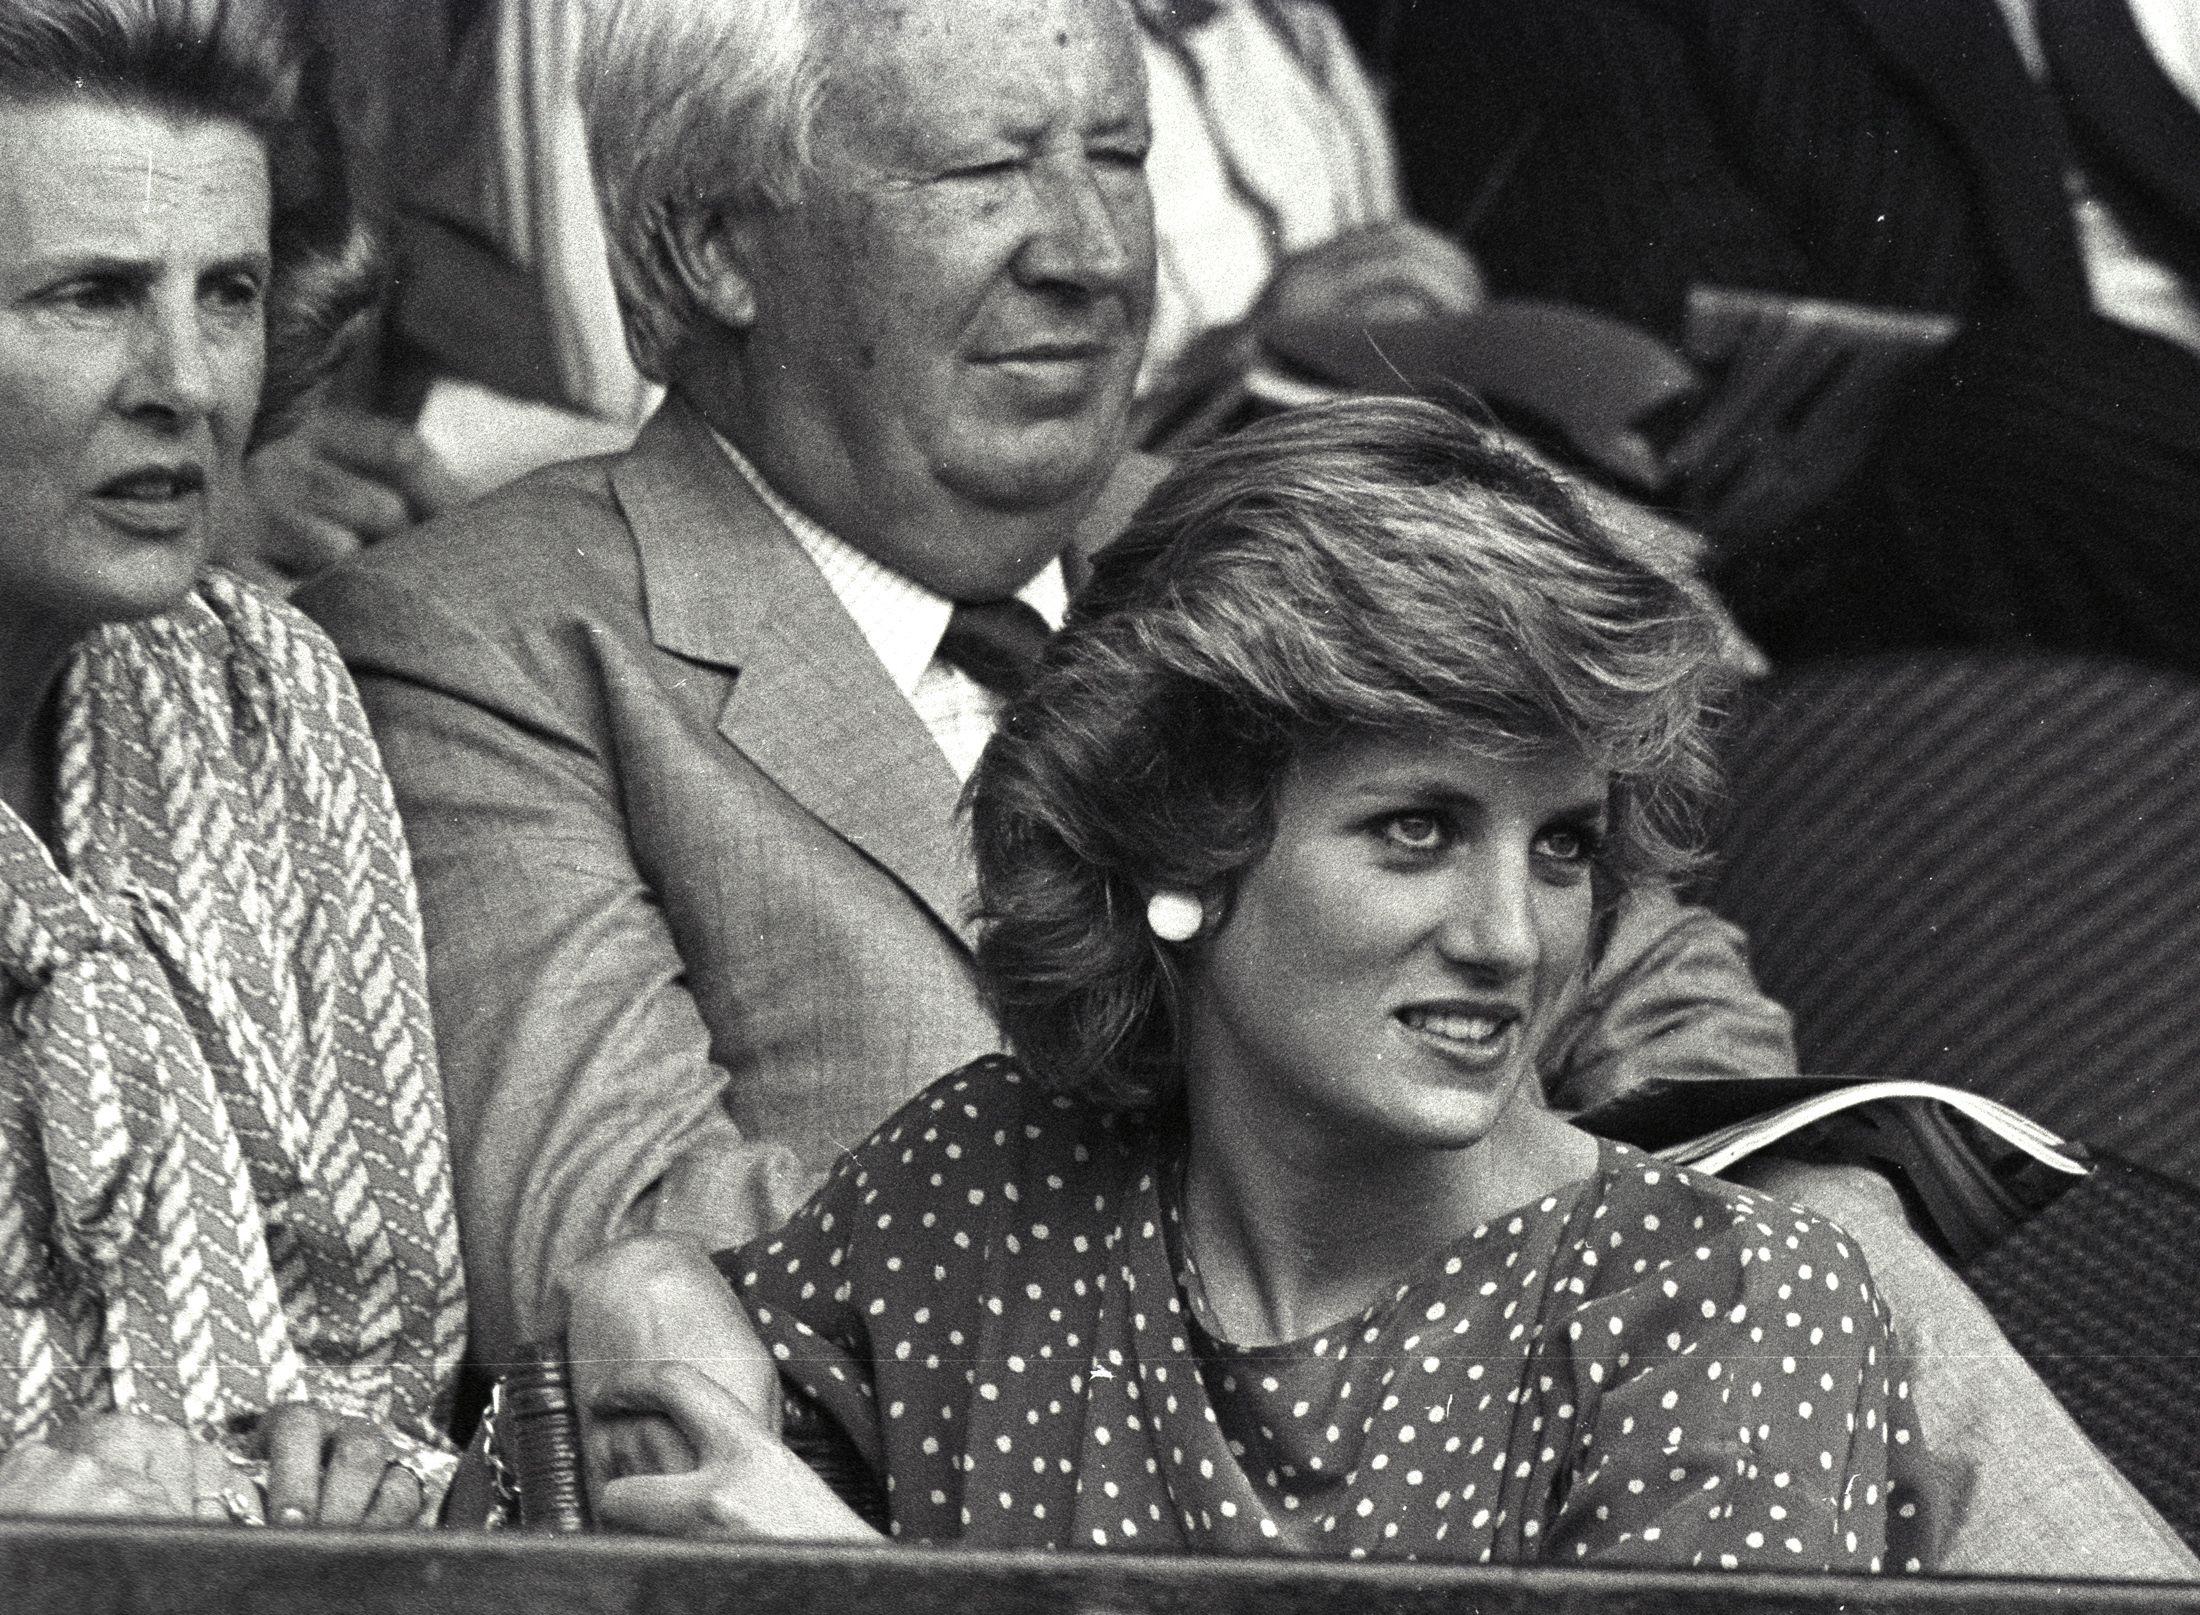 2 - Remembering Princess Diana